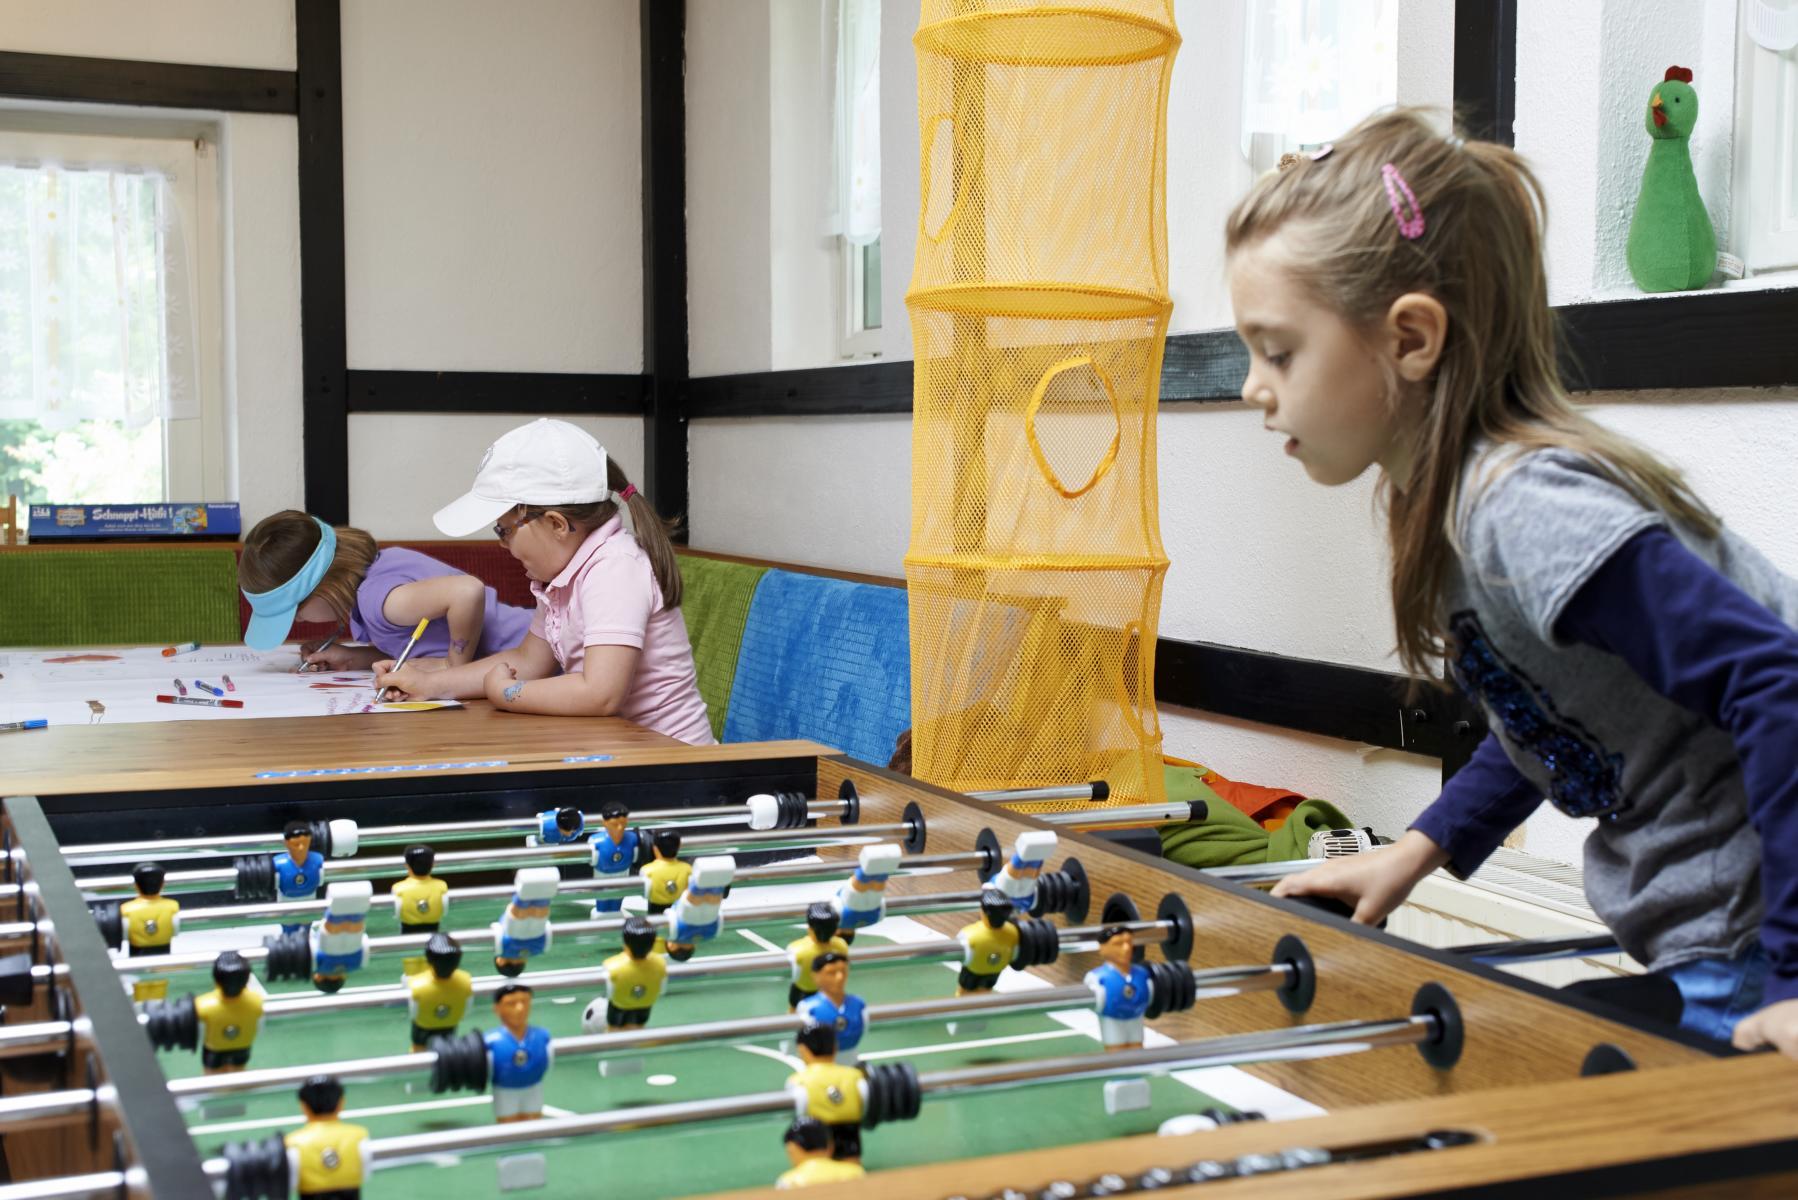 Die Kinder werden beschäftigt während die Eltern golfen.